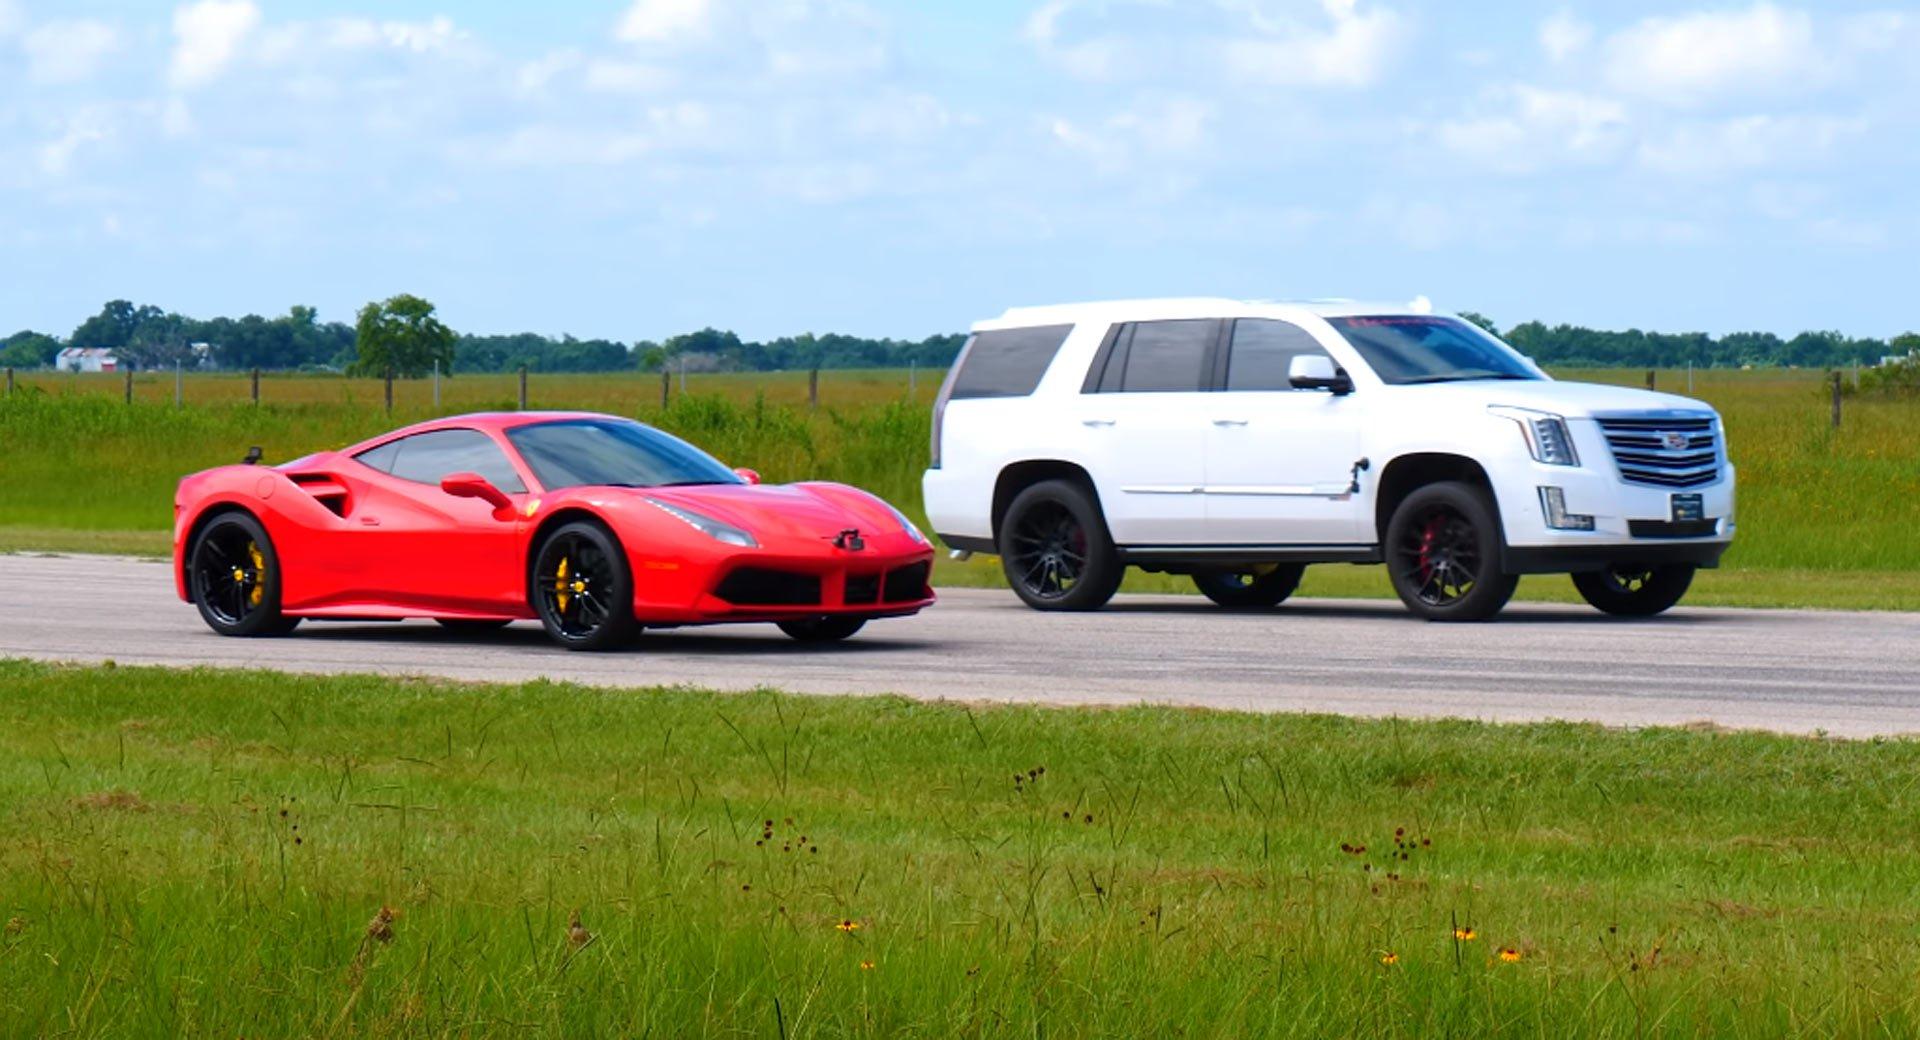 Чтобы показать, на что способен прокачанный паркетник, Hennessey Performance устроил два дрэг-заезда с участием суперкара Ferrari 488